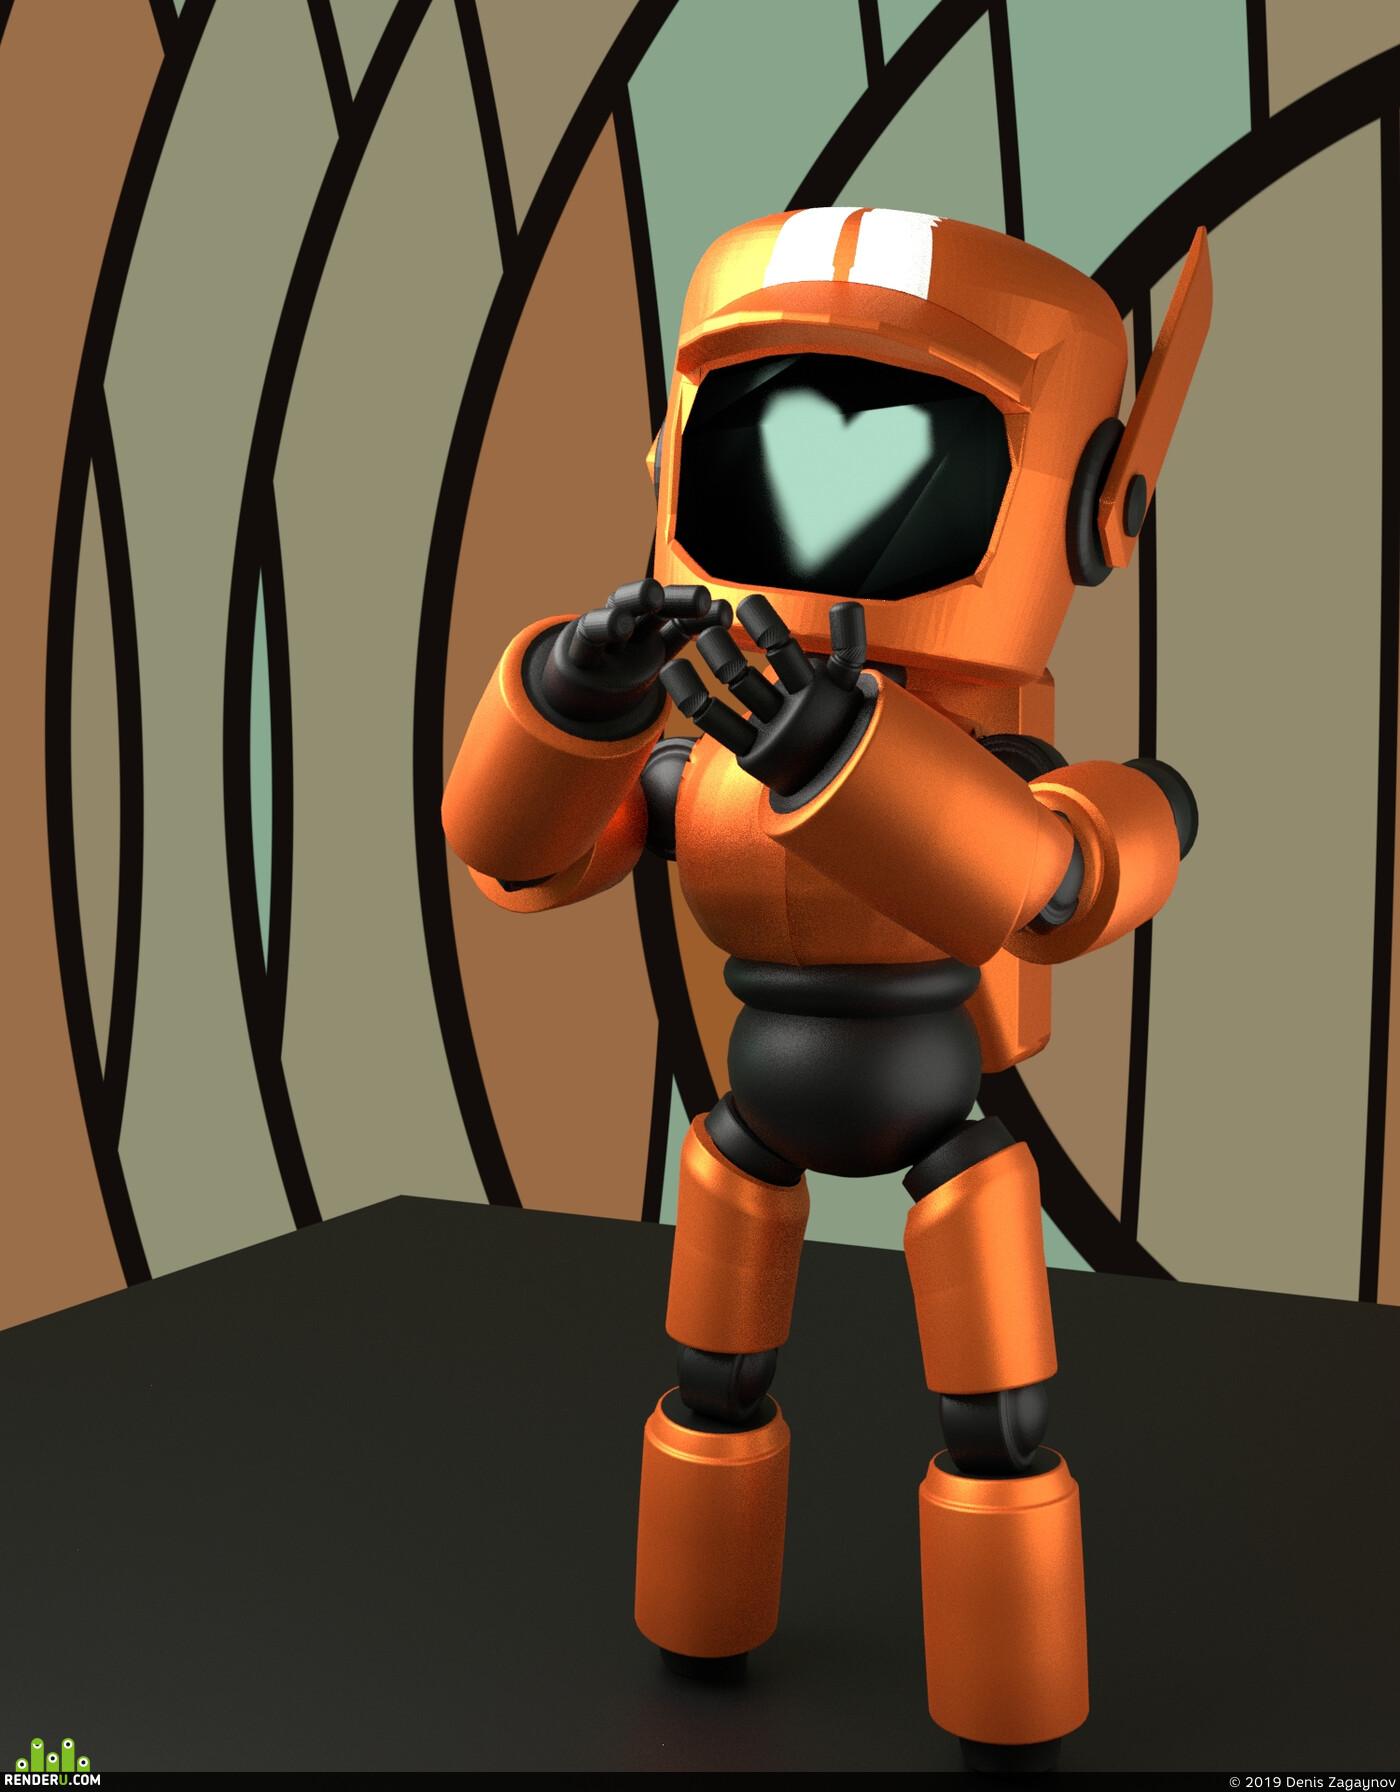 робот, любовь смерть и роботы, фанарт